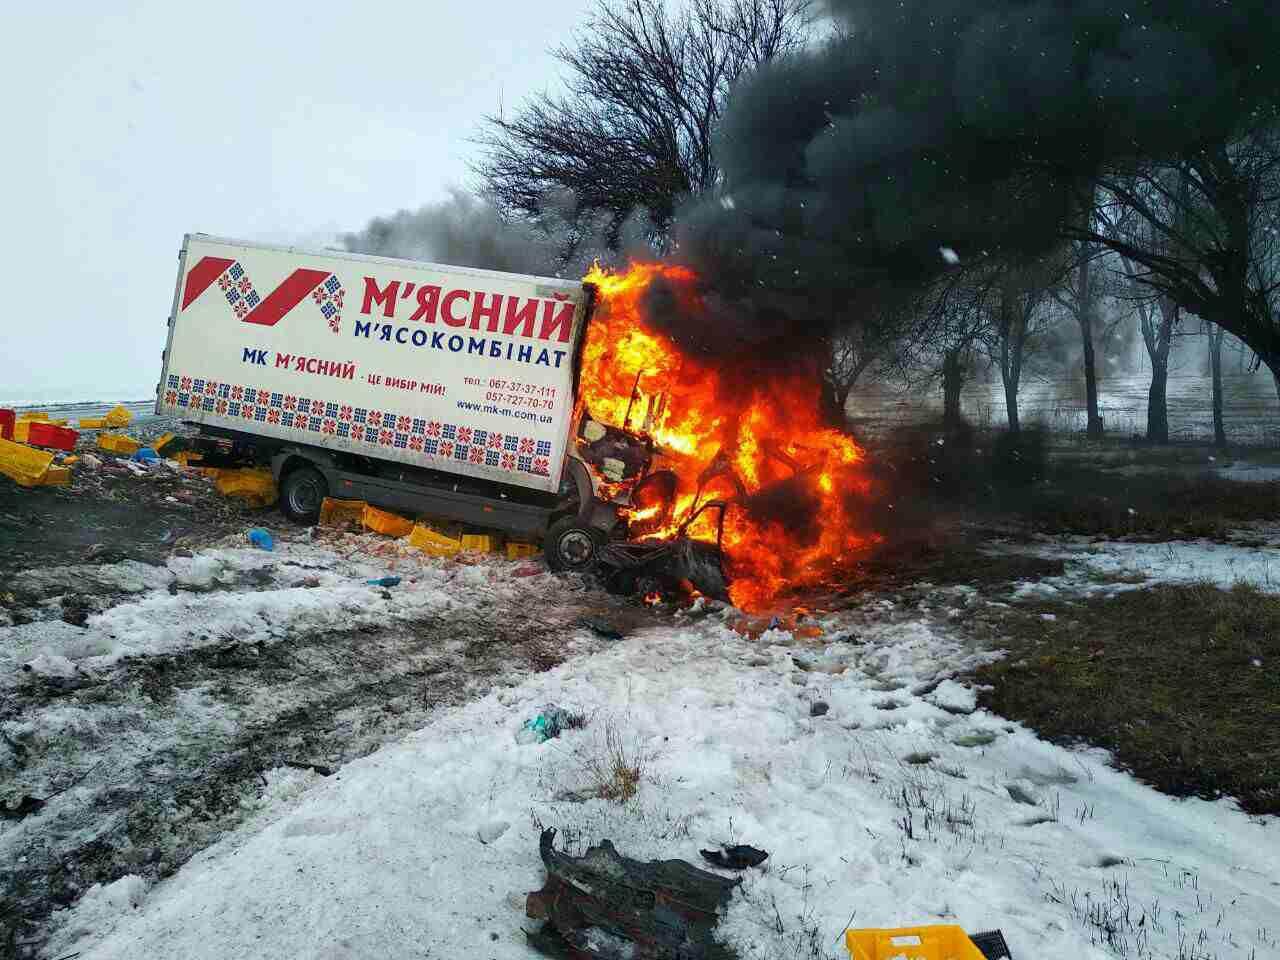 Трагедия на трассе: в результате ДТП с пожаром погибло 4 человека